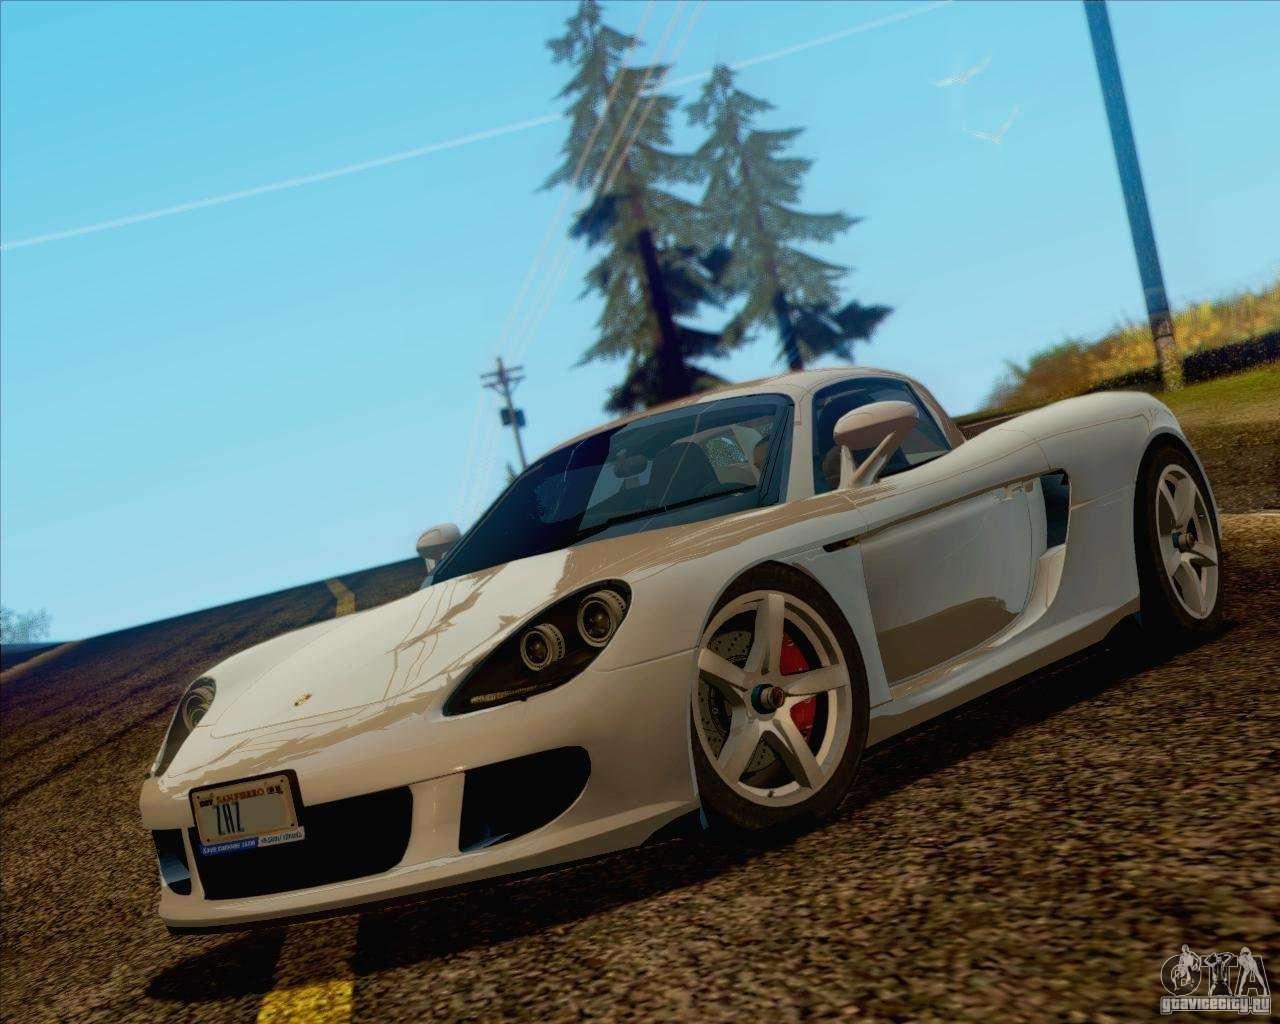 Porsche Carrera GT for GTA San Andreas on porsche sport, porsche truck, porsche boxster, porsche boxter, porsche gtr3, porsche 904 gts, porsche concept, porsche mirage, porsche turbo, porsche cayenne, porsche cayman, porsche gt3rs, porsche macan, porsche gt 2, porsche ruf ctr, porsche gt3,